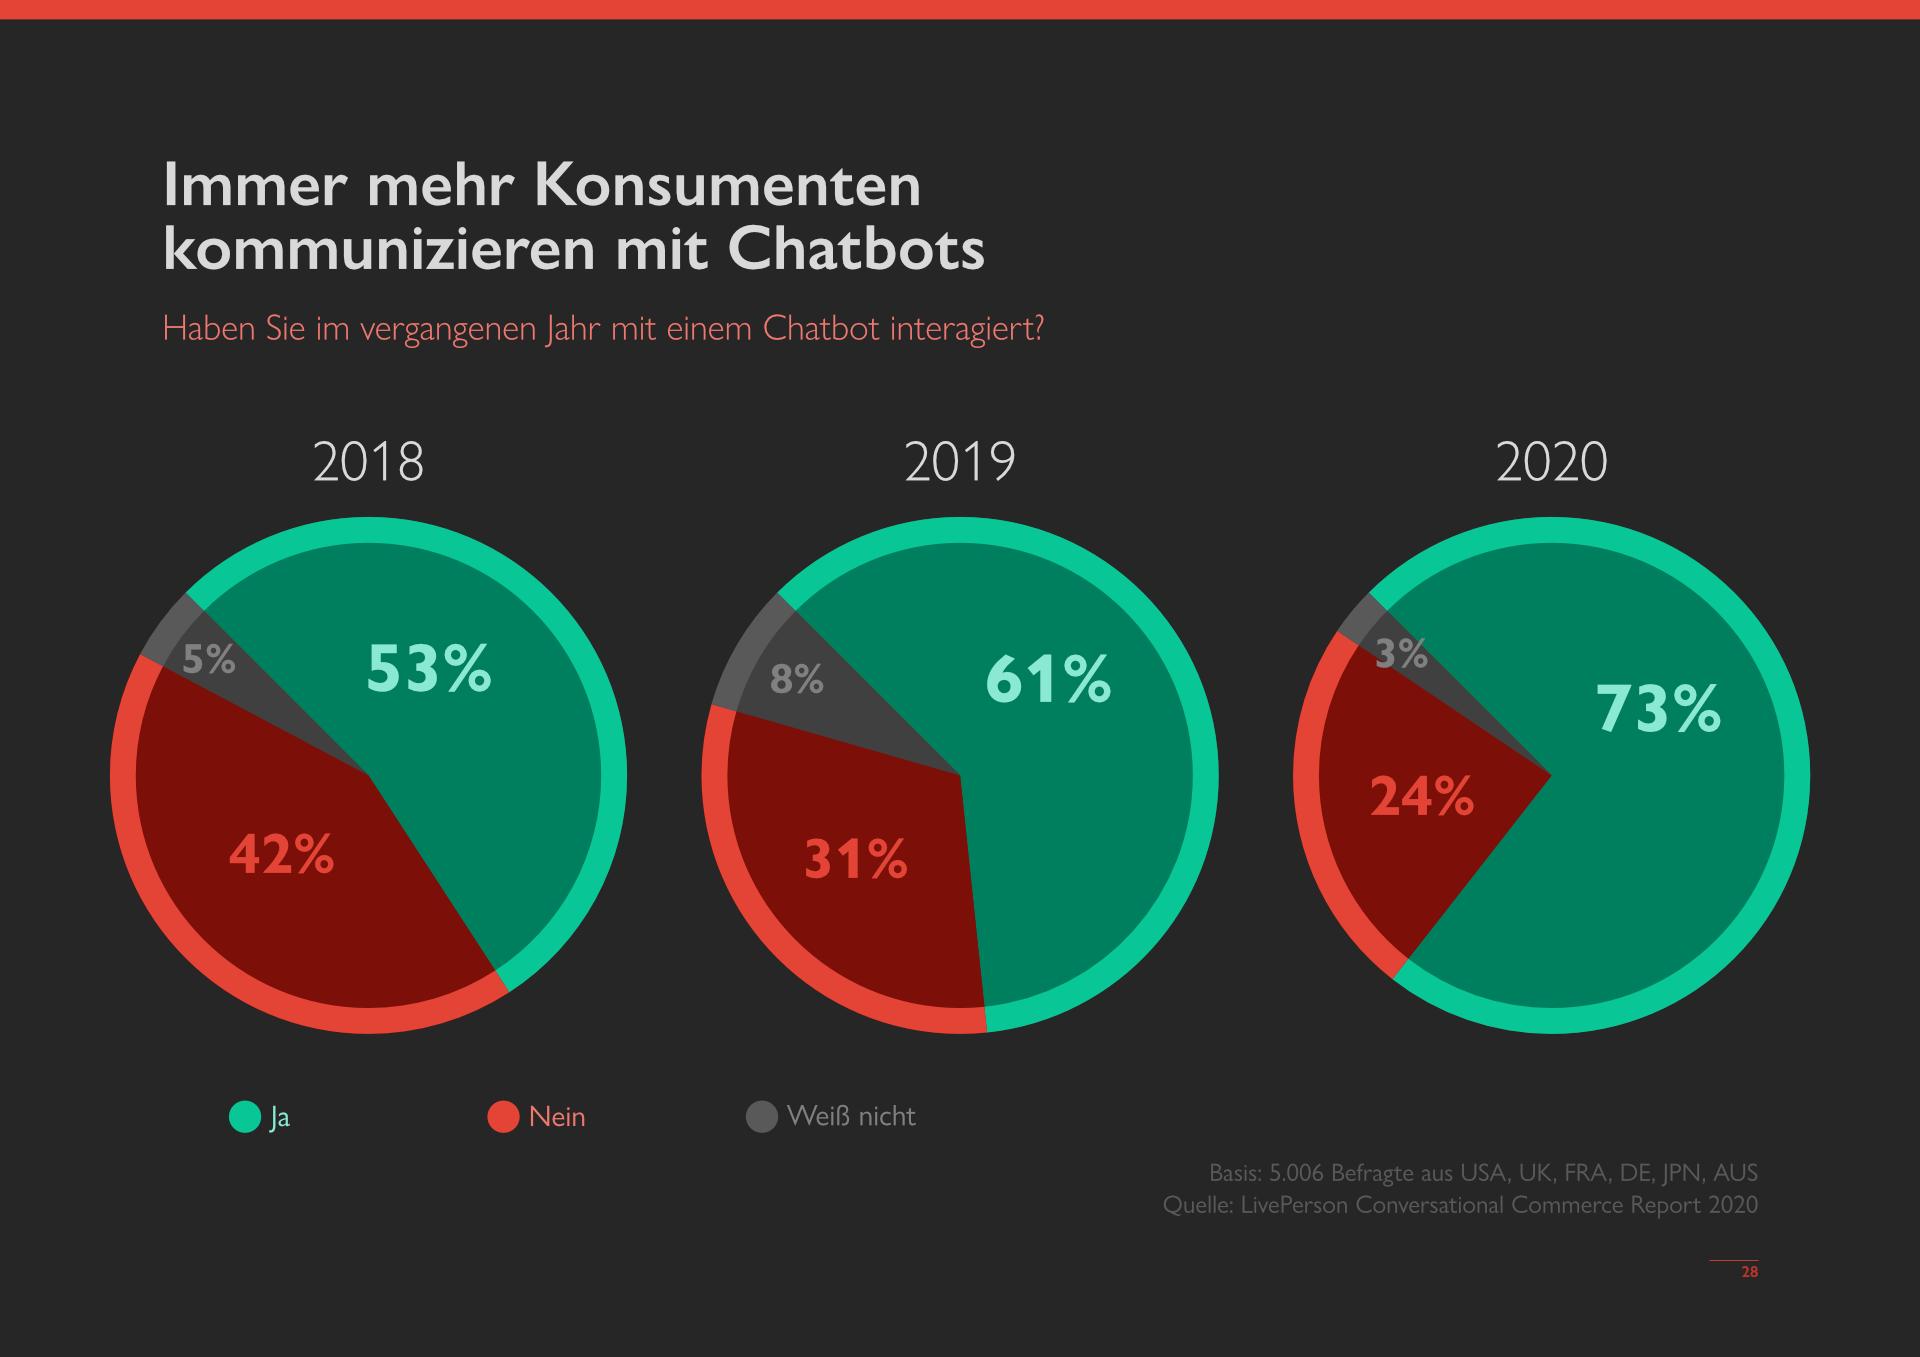 Aktuelle Nutzung von Chatbots - MessengerPeople Studie 2021